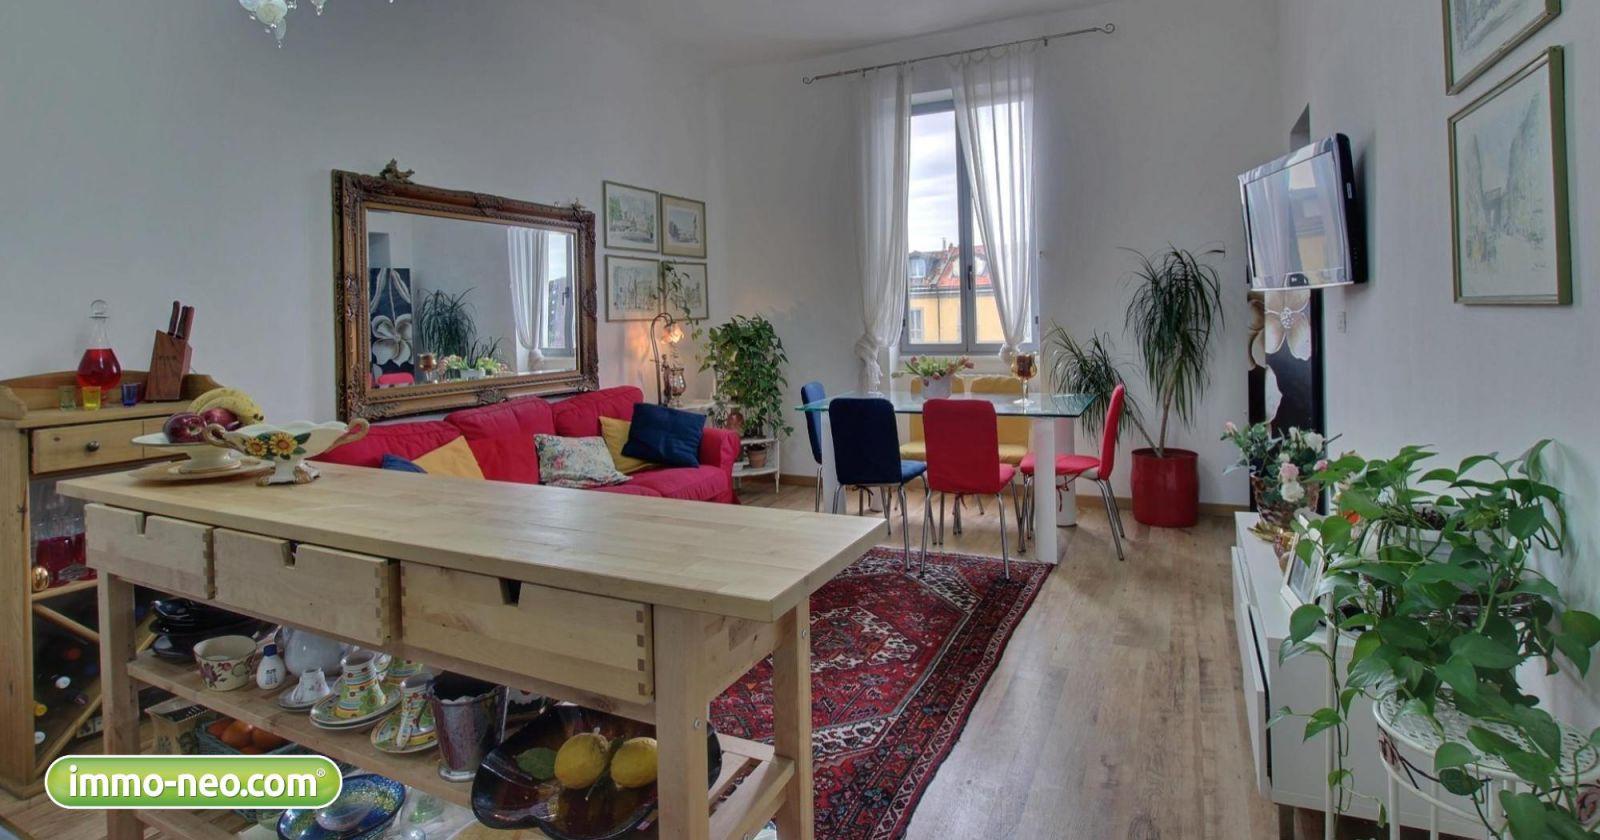 Case Affitto Milano Privati  case affitto milano privati case in vendita milano